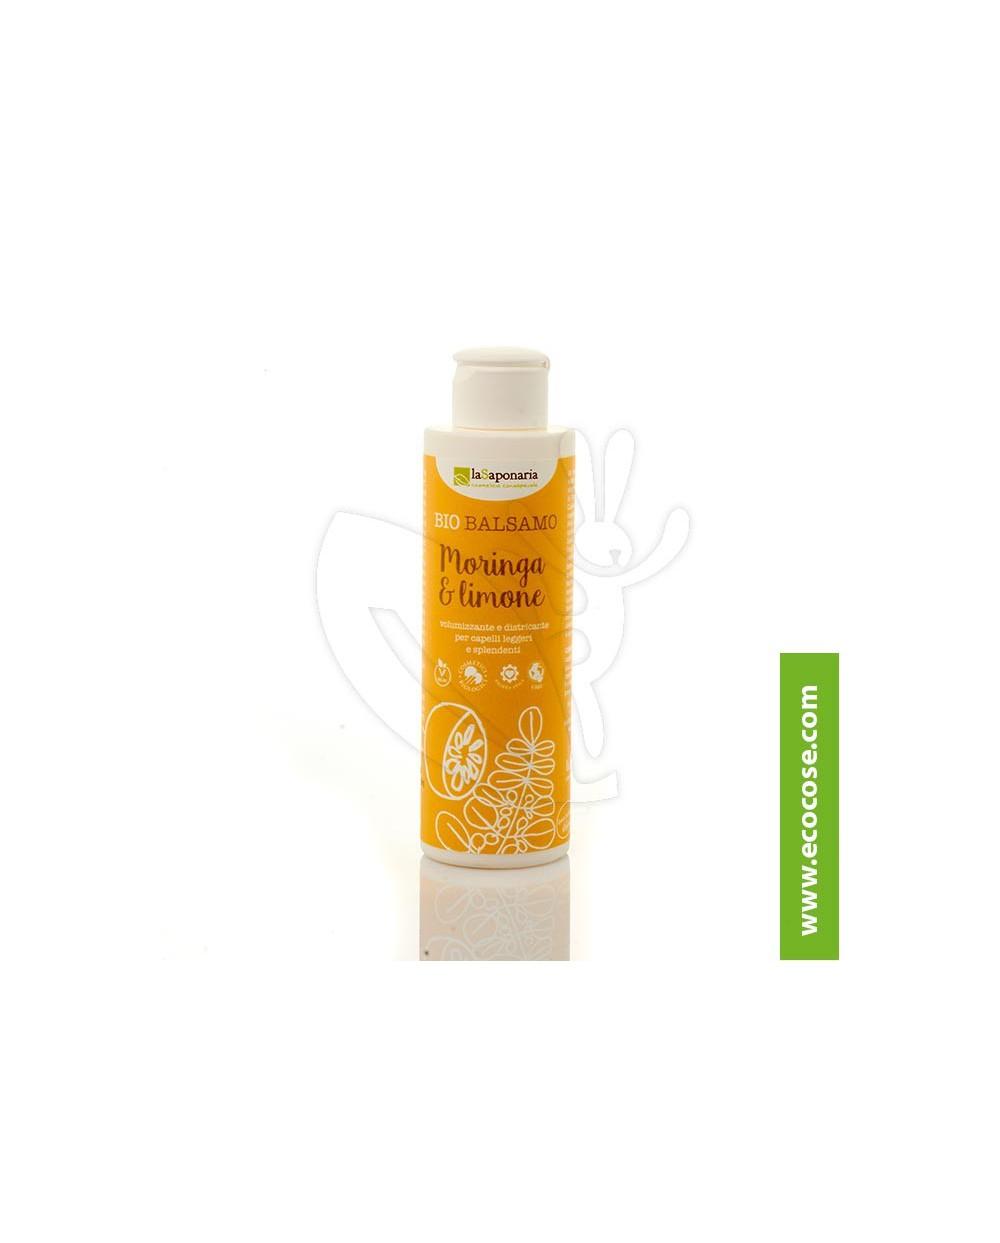 La Saponaria - Bio Balsamo capelli Moringa e Limone - VOLUMIZZANTE